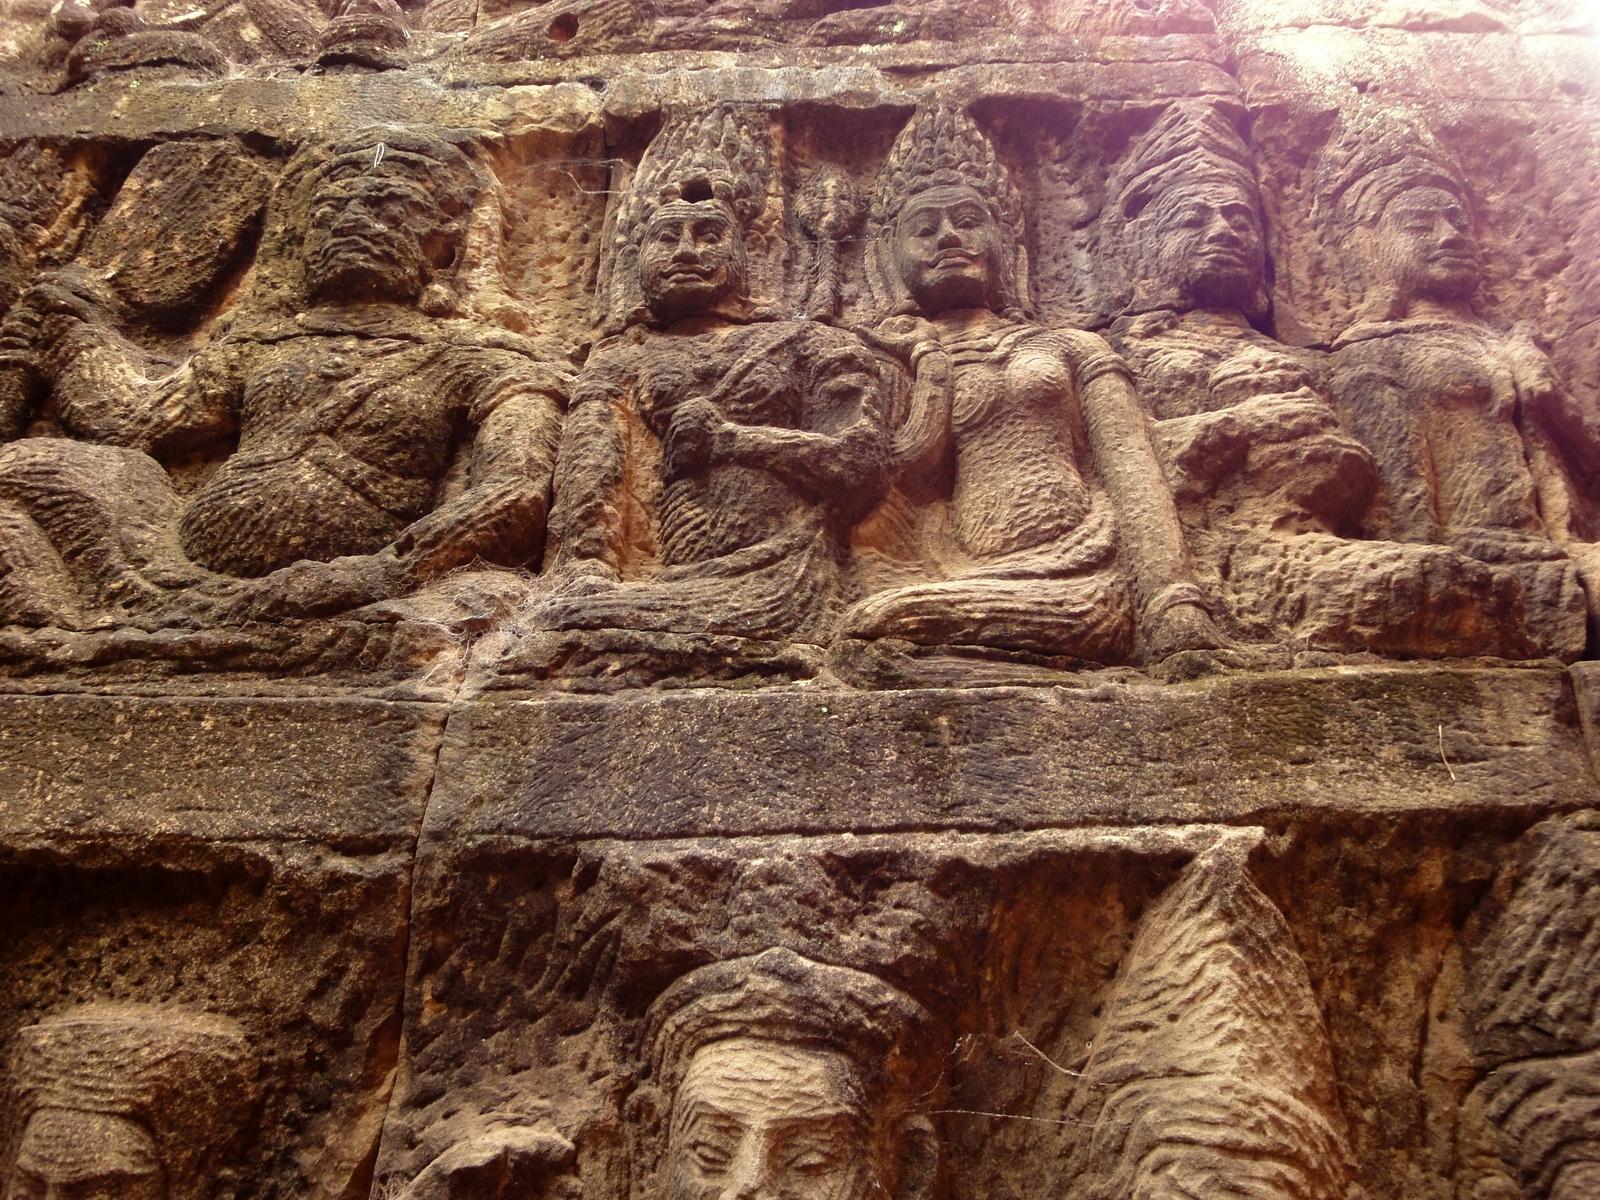 Leper King Terrace hidden wall underworld Nagas and deities 108